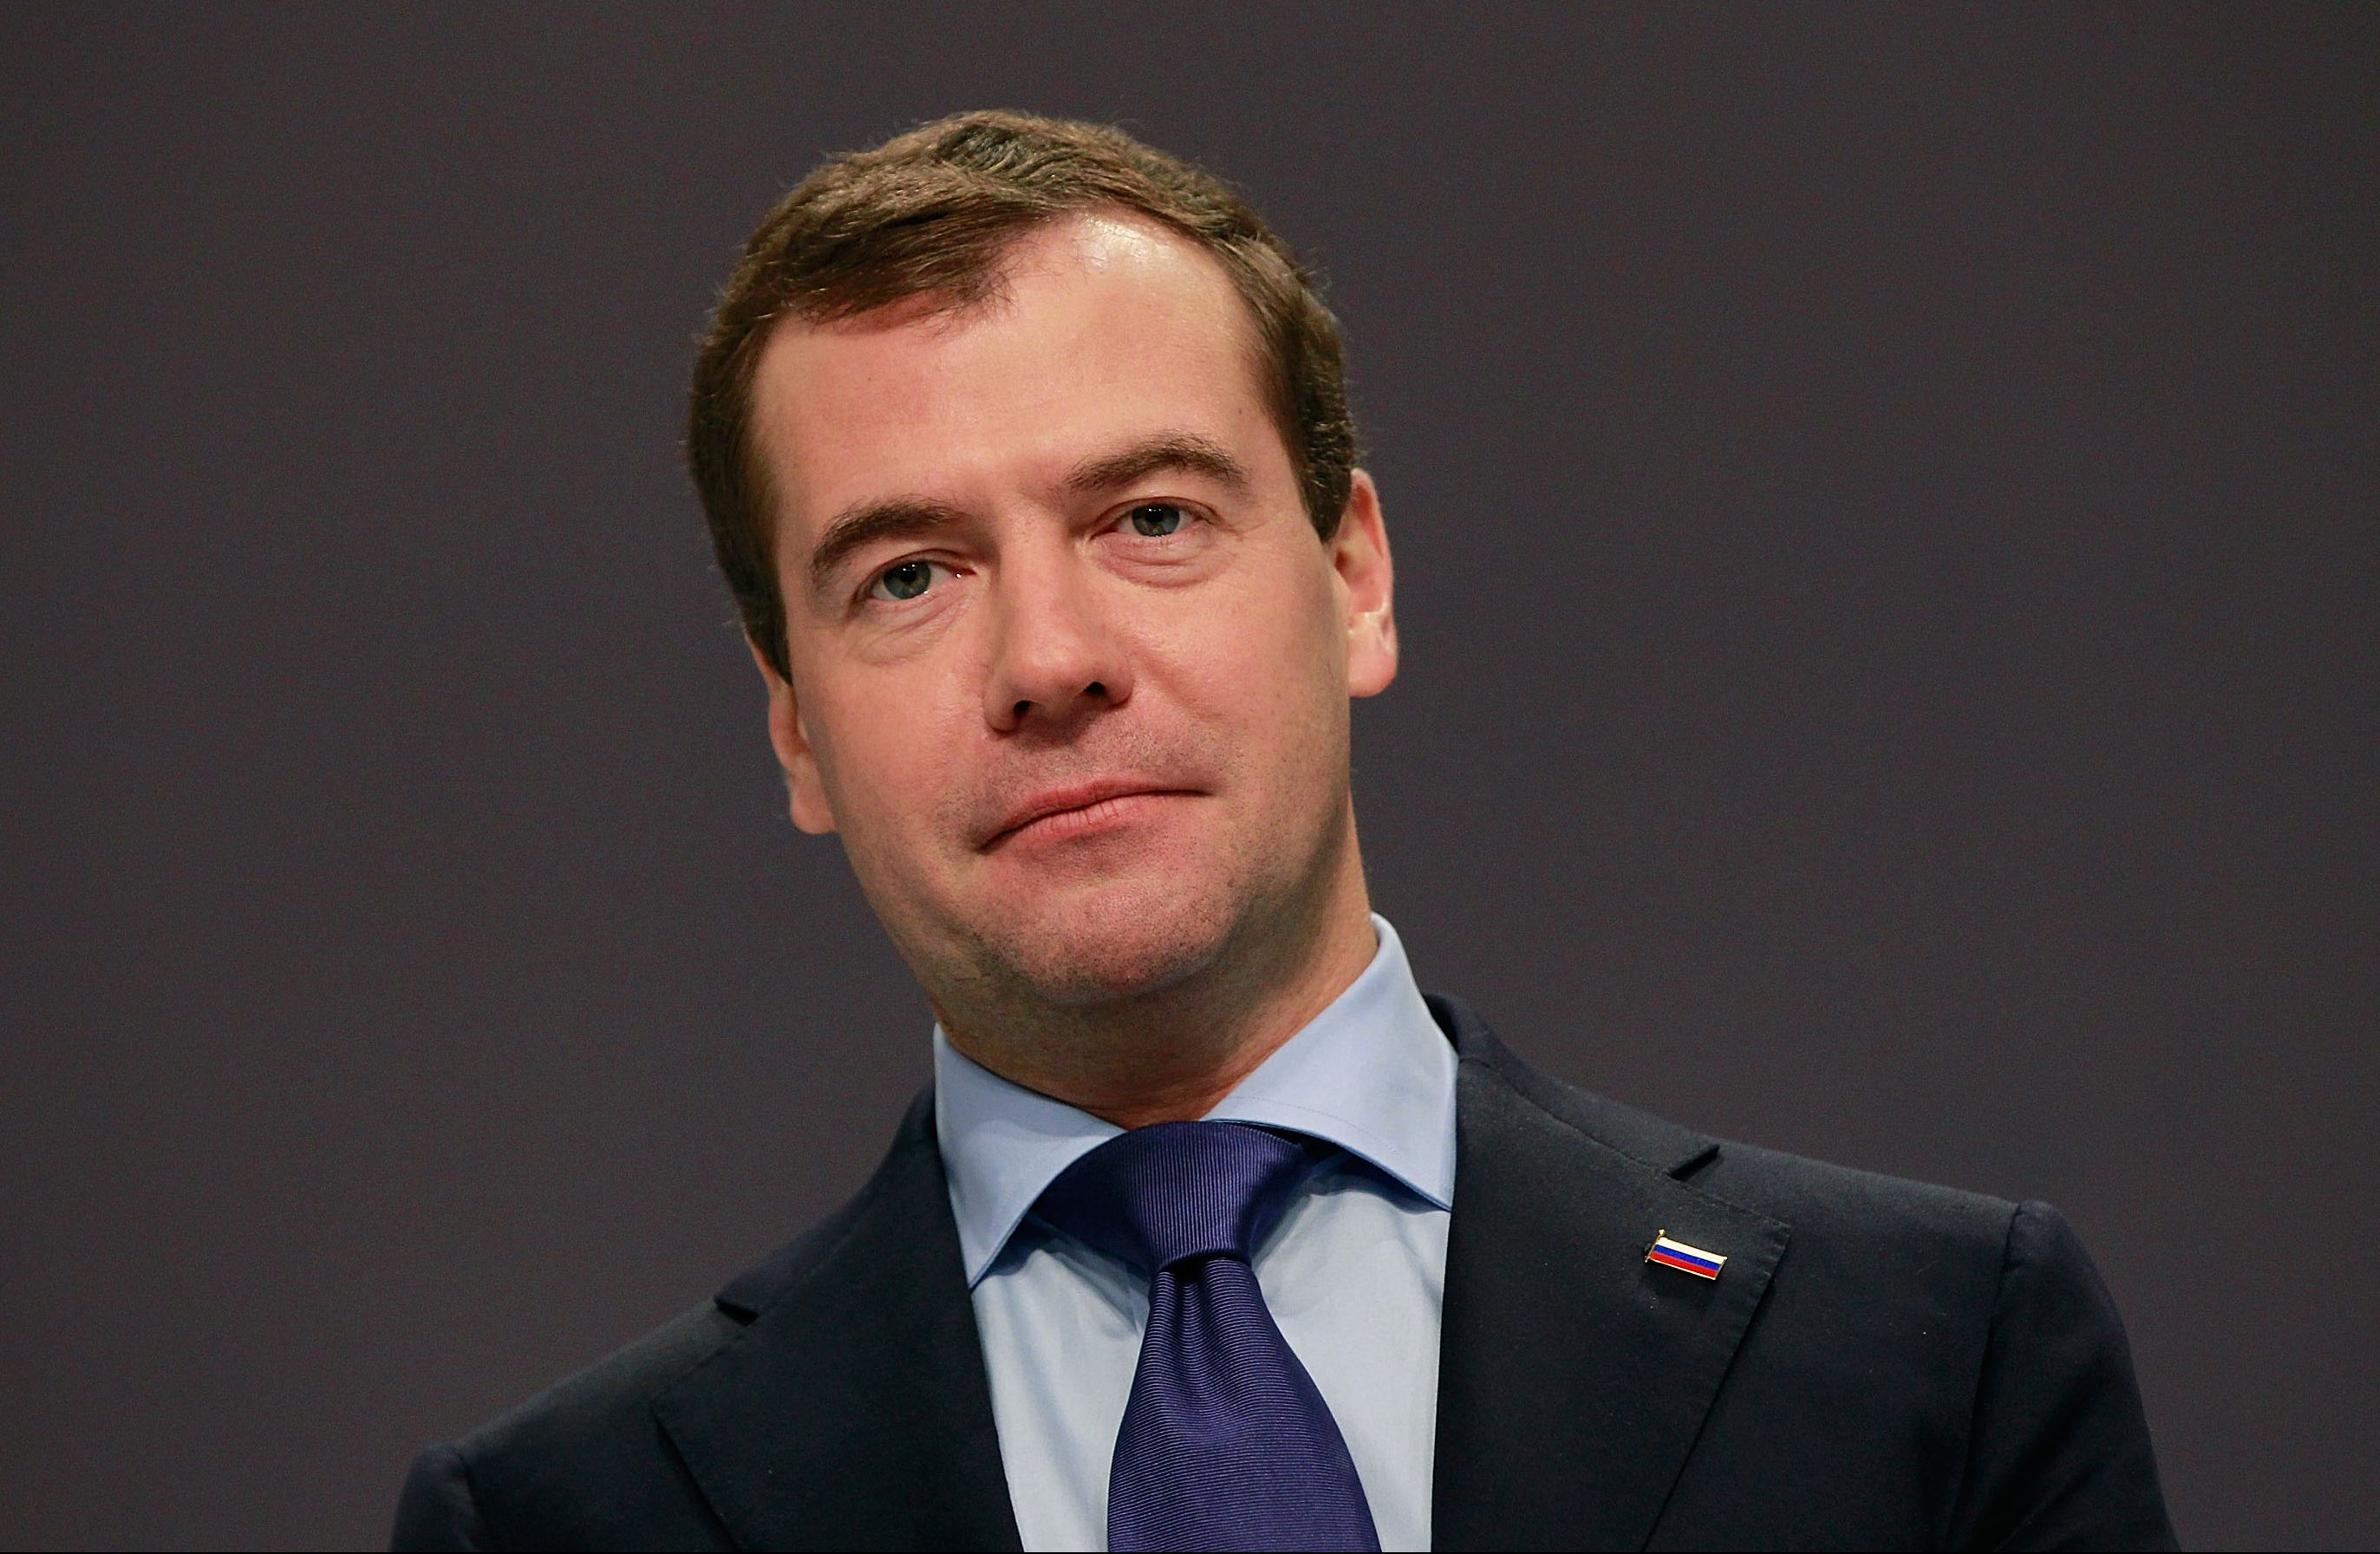 Медведев призвал «расстаться силлюзиями» поповоду отмены санкций против РФ